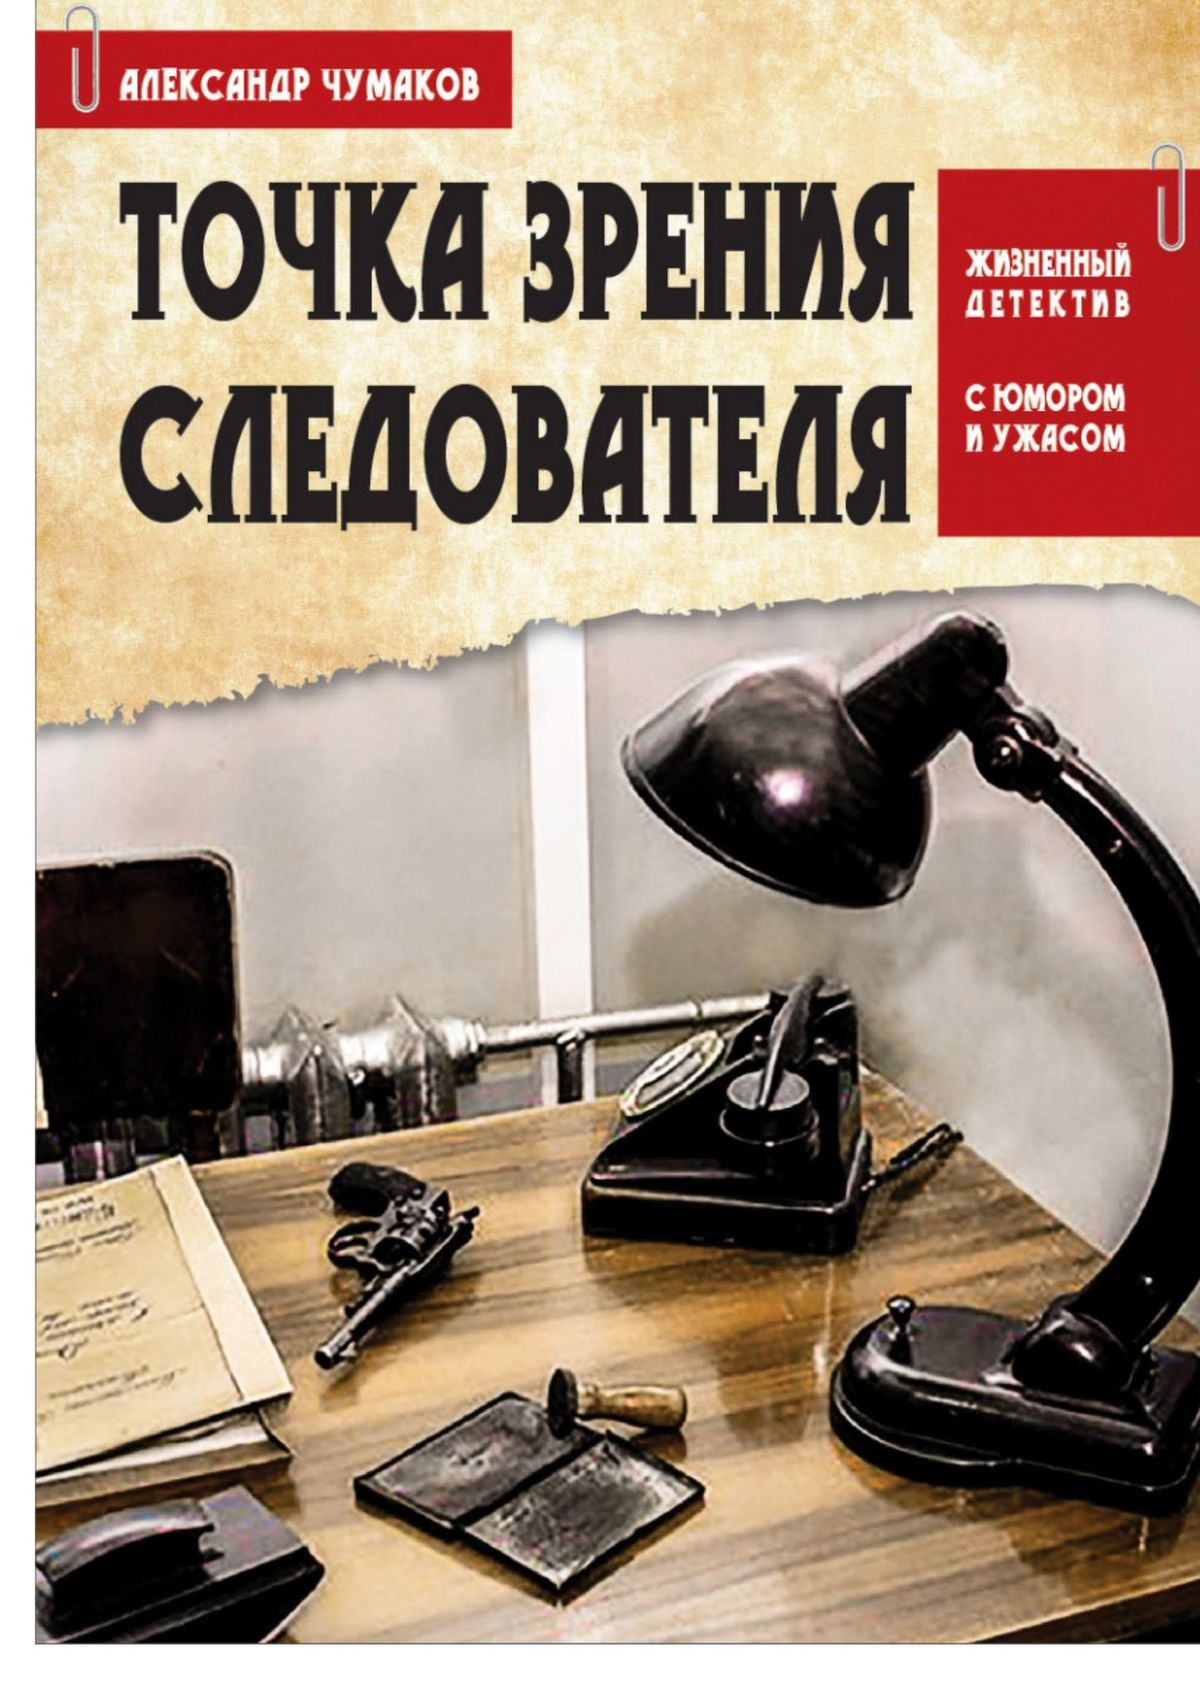 Александр Чумаков ТОЧКА ЗРЕНИЯ СЛЕДОВАТЕЛЯ. Жизненный детектив с юмором и ужасом